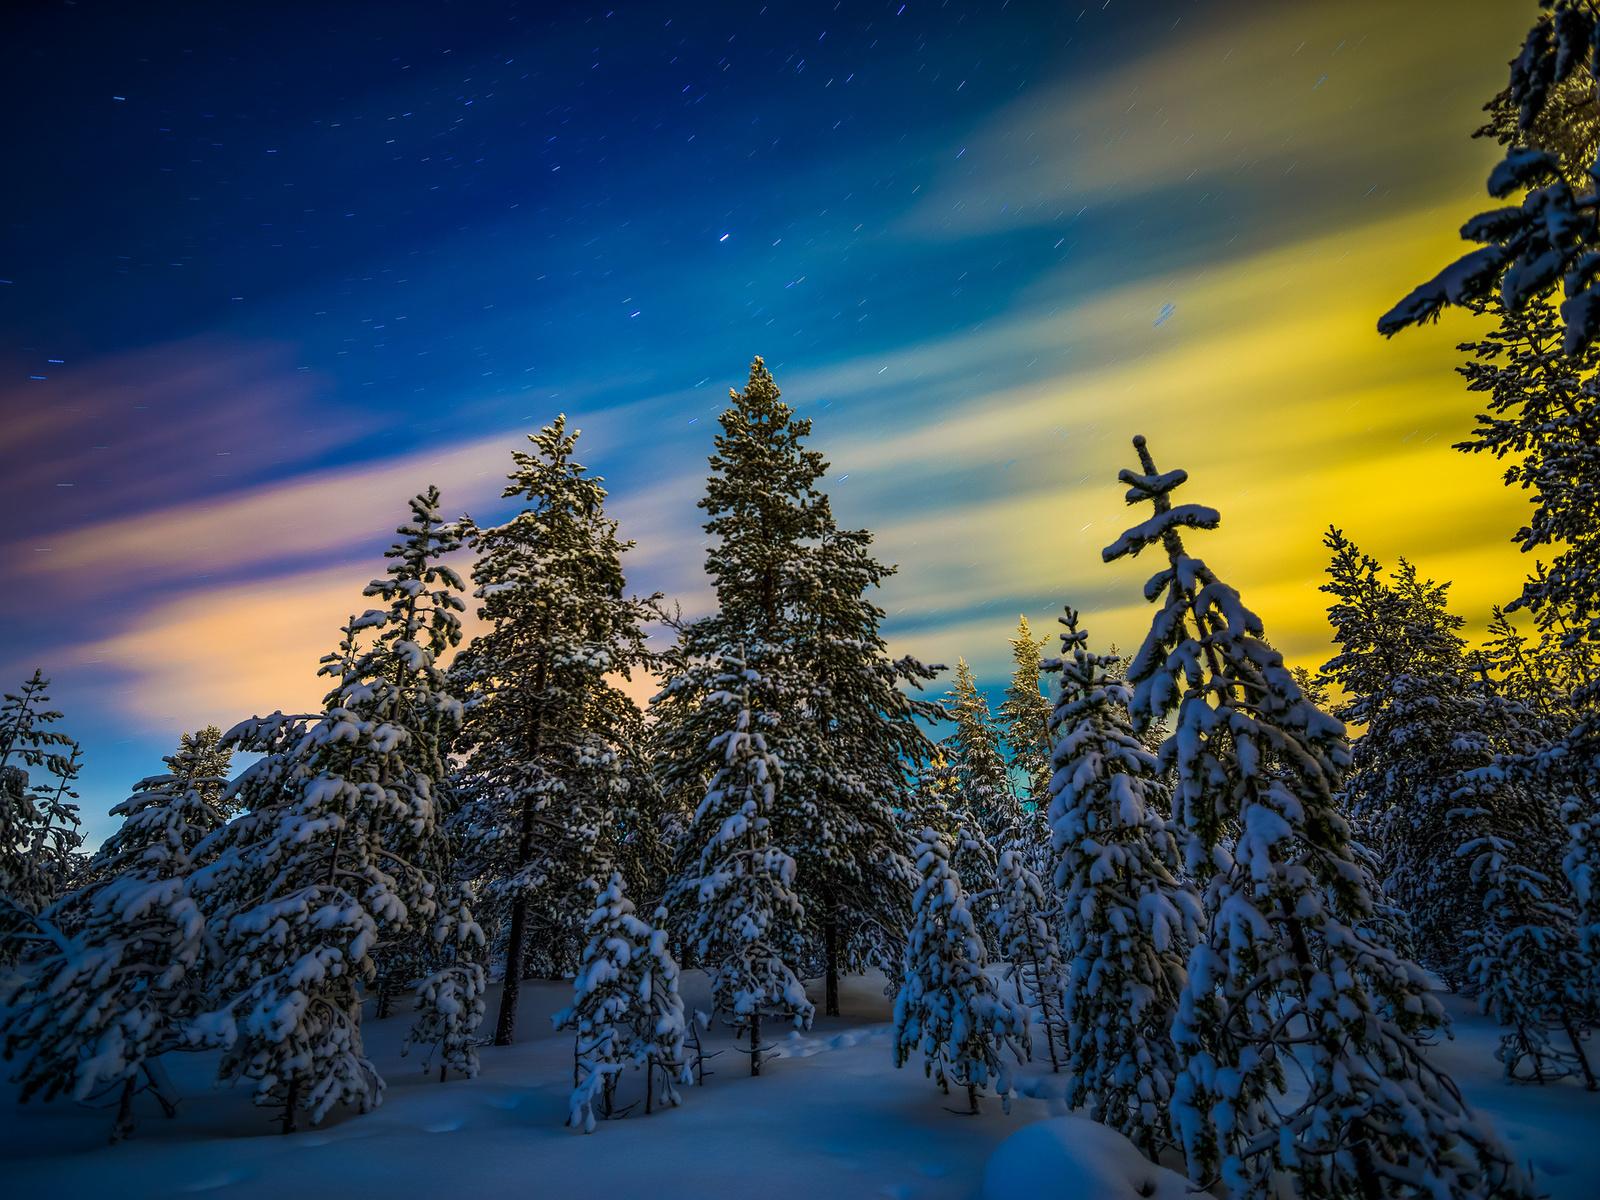 природа, пейзаж, зима, лес, снег, деревья, ели, северное сияние, звёзды, финляндия, лапландия